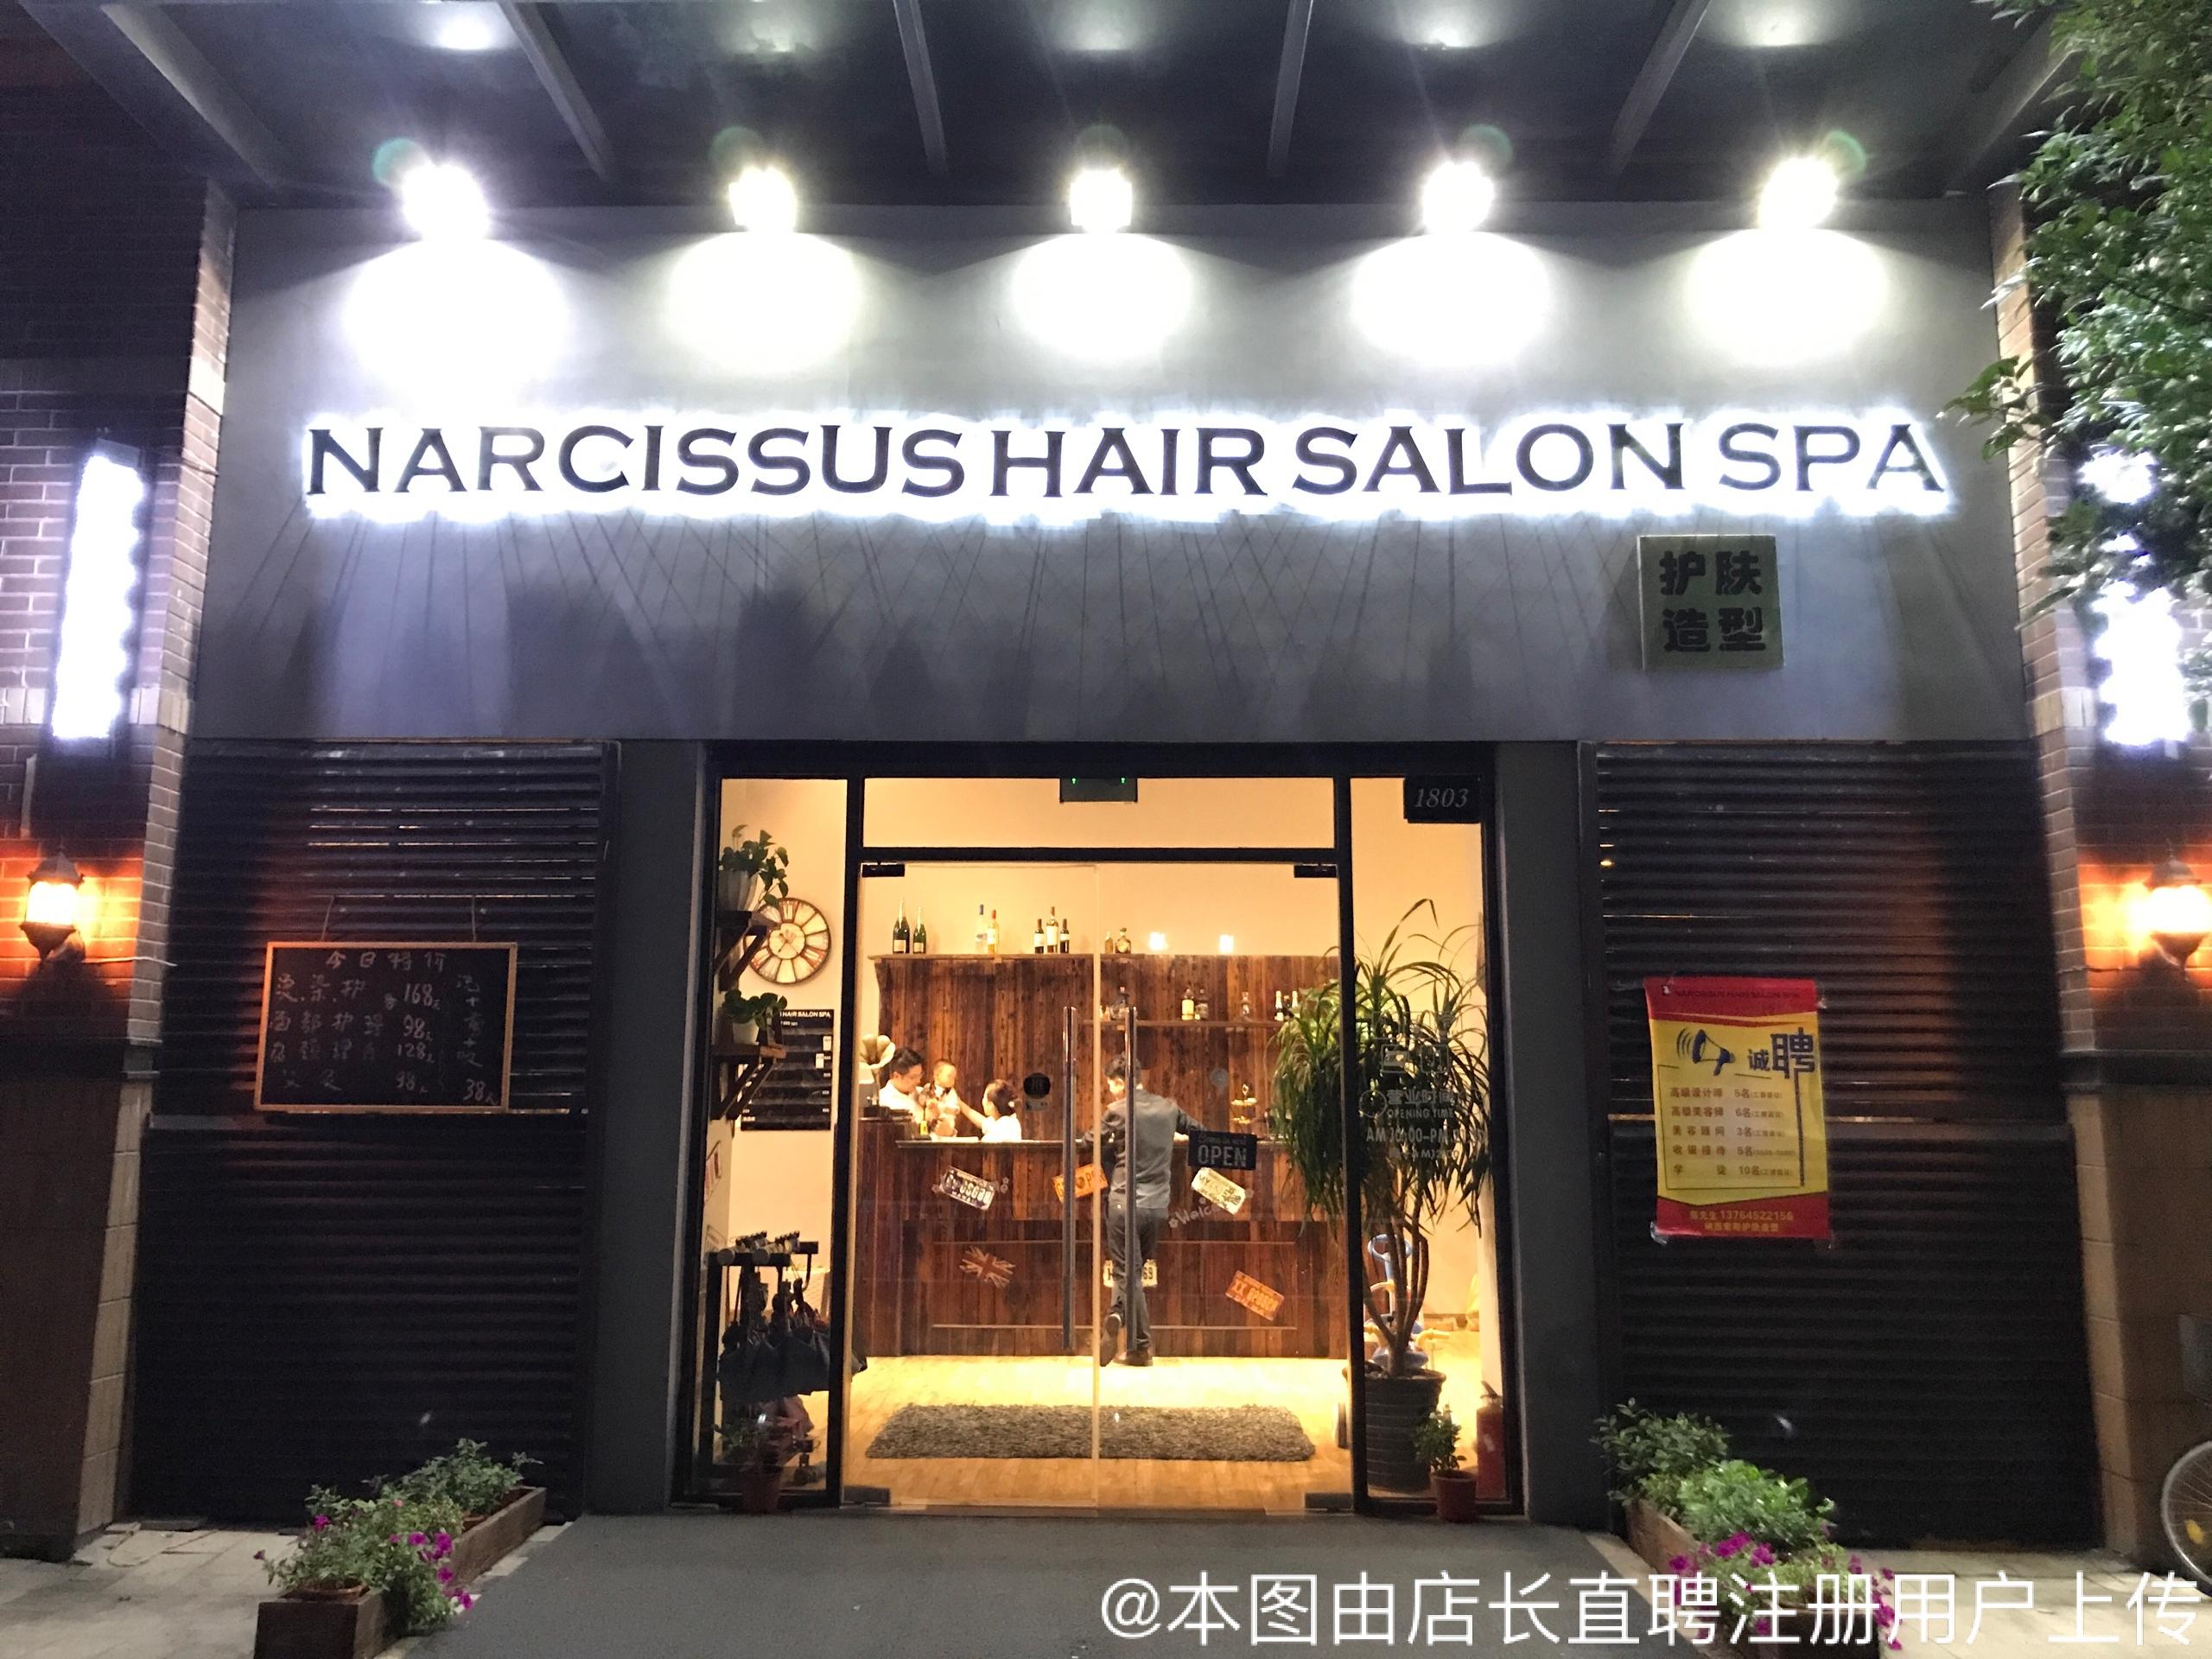 上海金仕堡_【美容经理招聘】上海纳西索斯护肤造型连锁店美容经理招聘